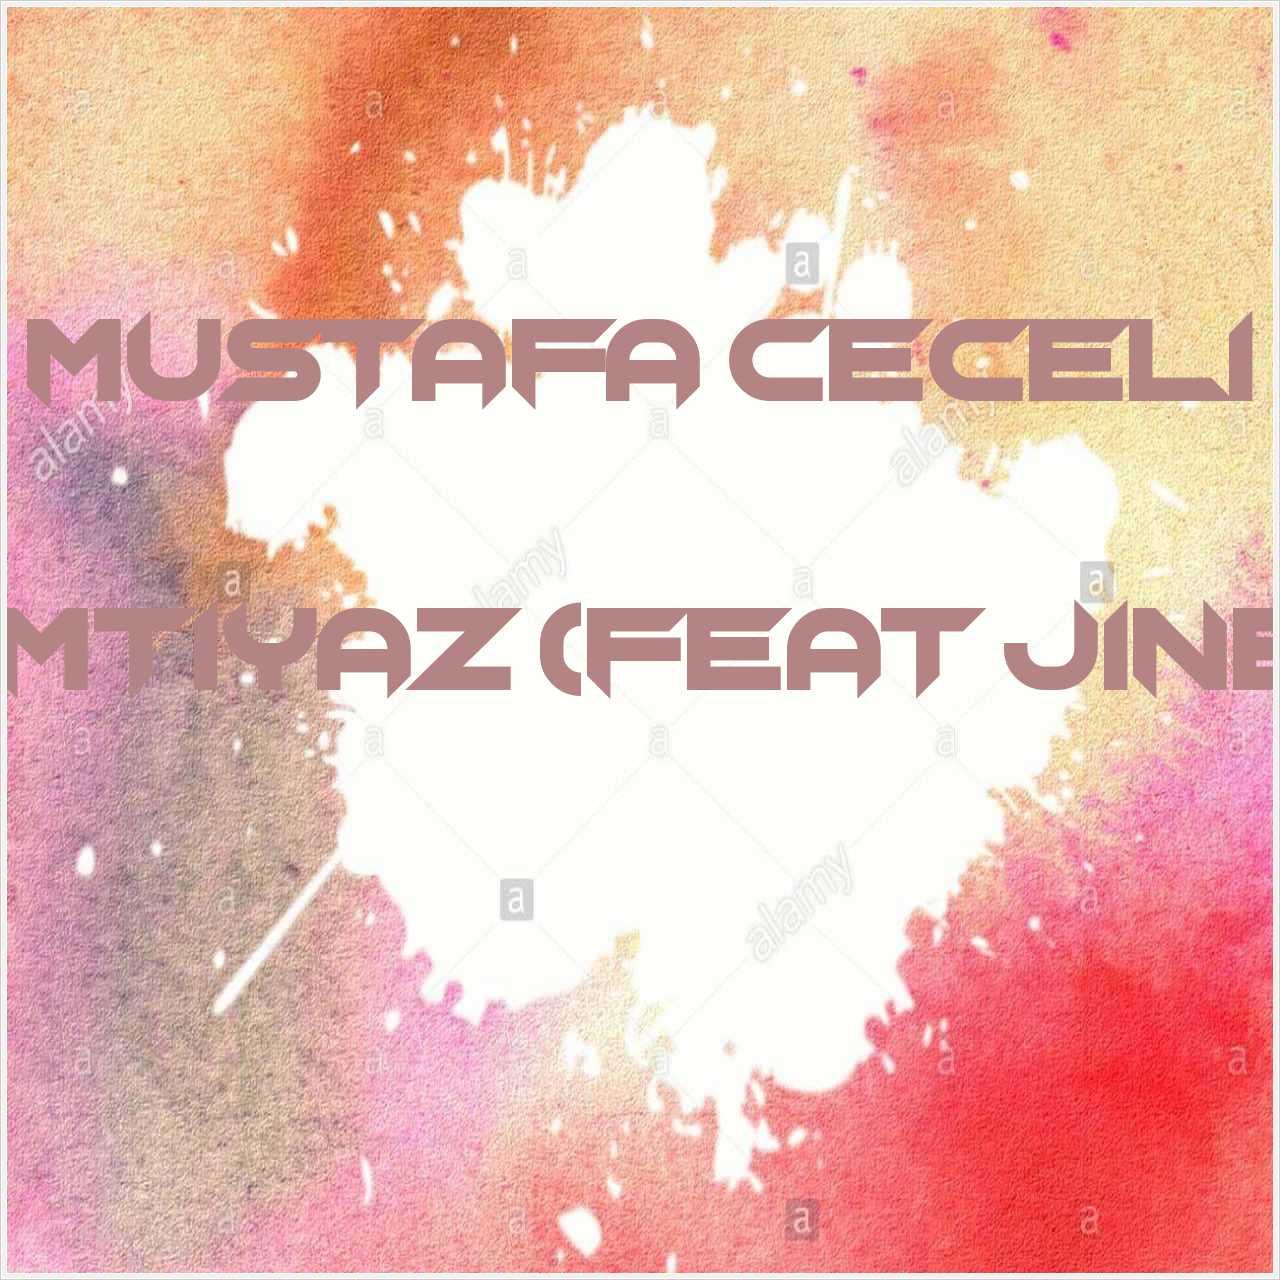 دانلود آهنگ جدید Mustafa Ceceli به نام İmtiyaz (feat Jine)